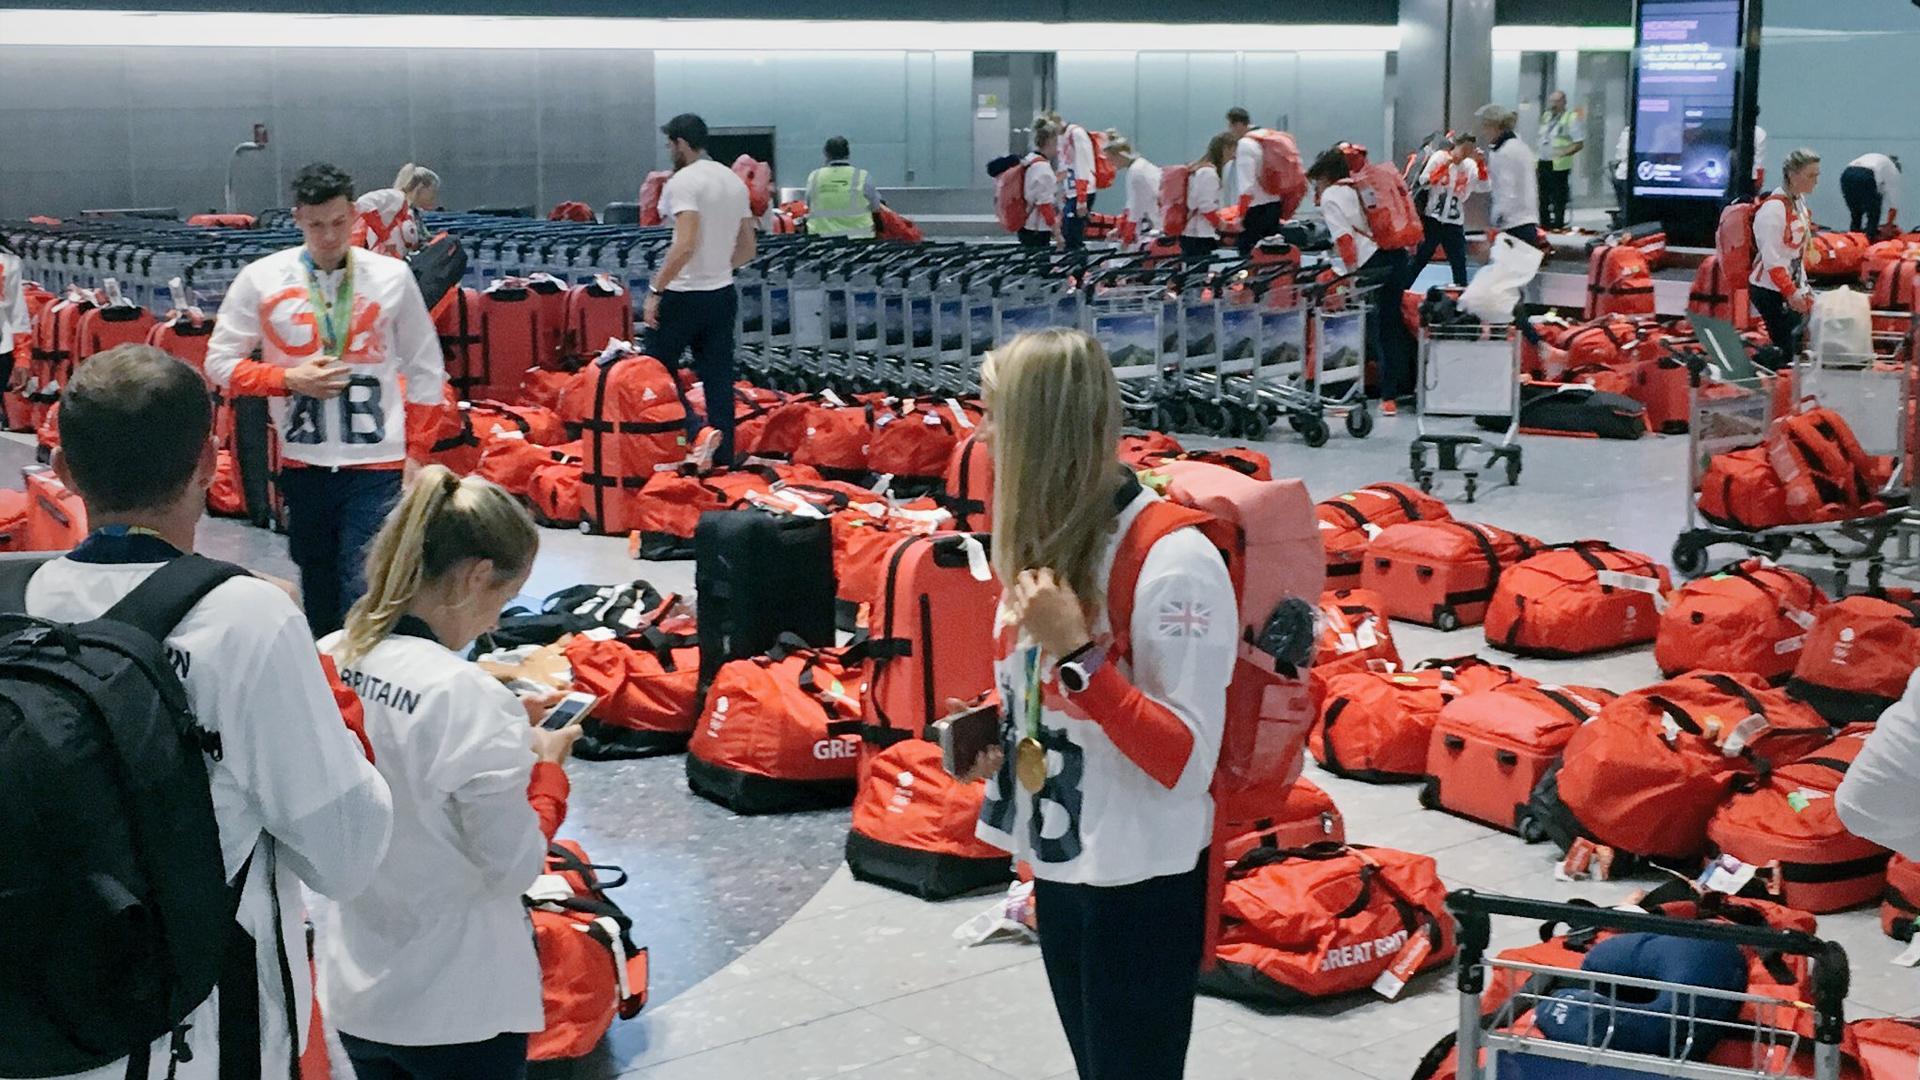 Elegir equipaje que se diferencie del resto es importante, no para Gran Bretaña